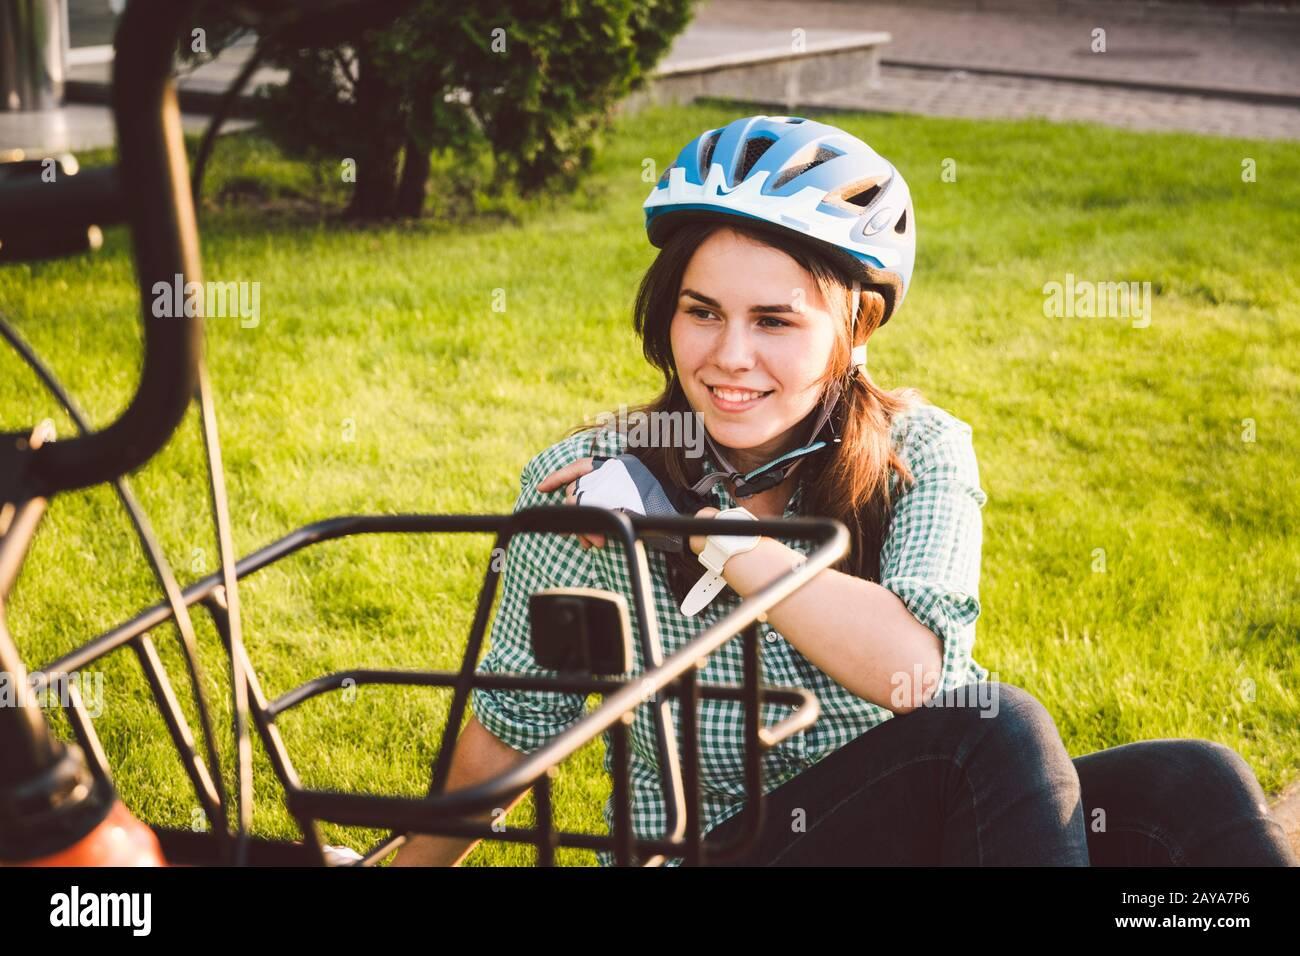 Ciclista femminile in abbigliamento professionale da ciclismo e casco seduto vicino alla bicicletta, godendosi il sole. Relax prendendosi il riposo. Vita sana Foto Stock